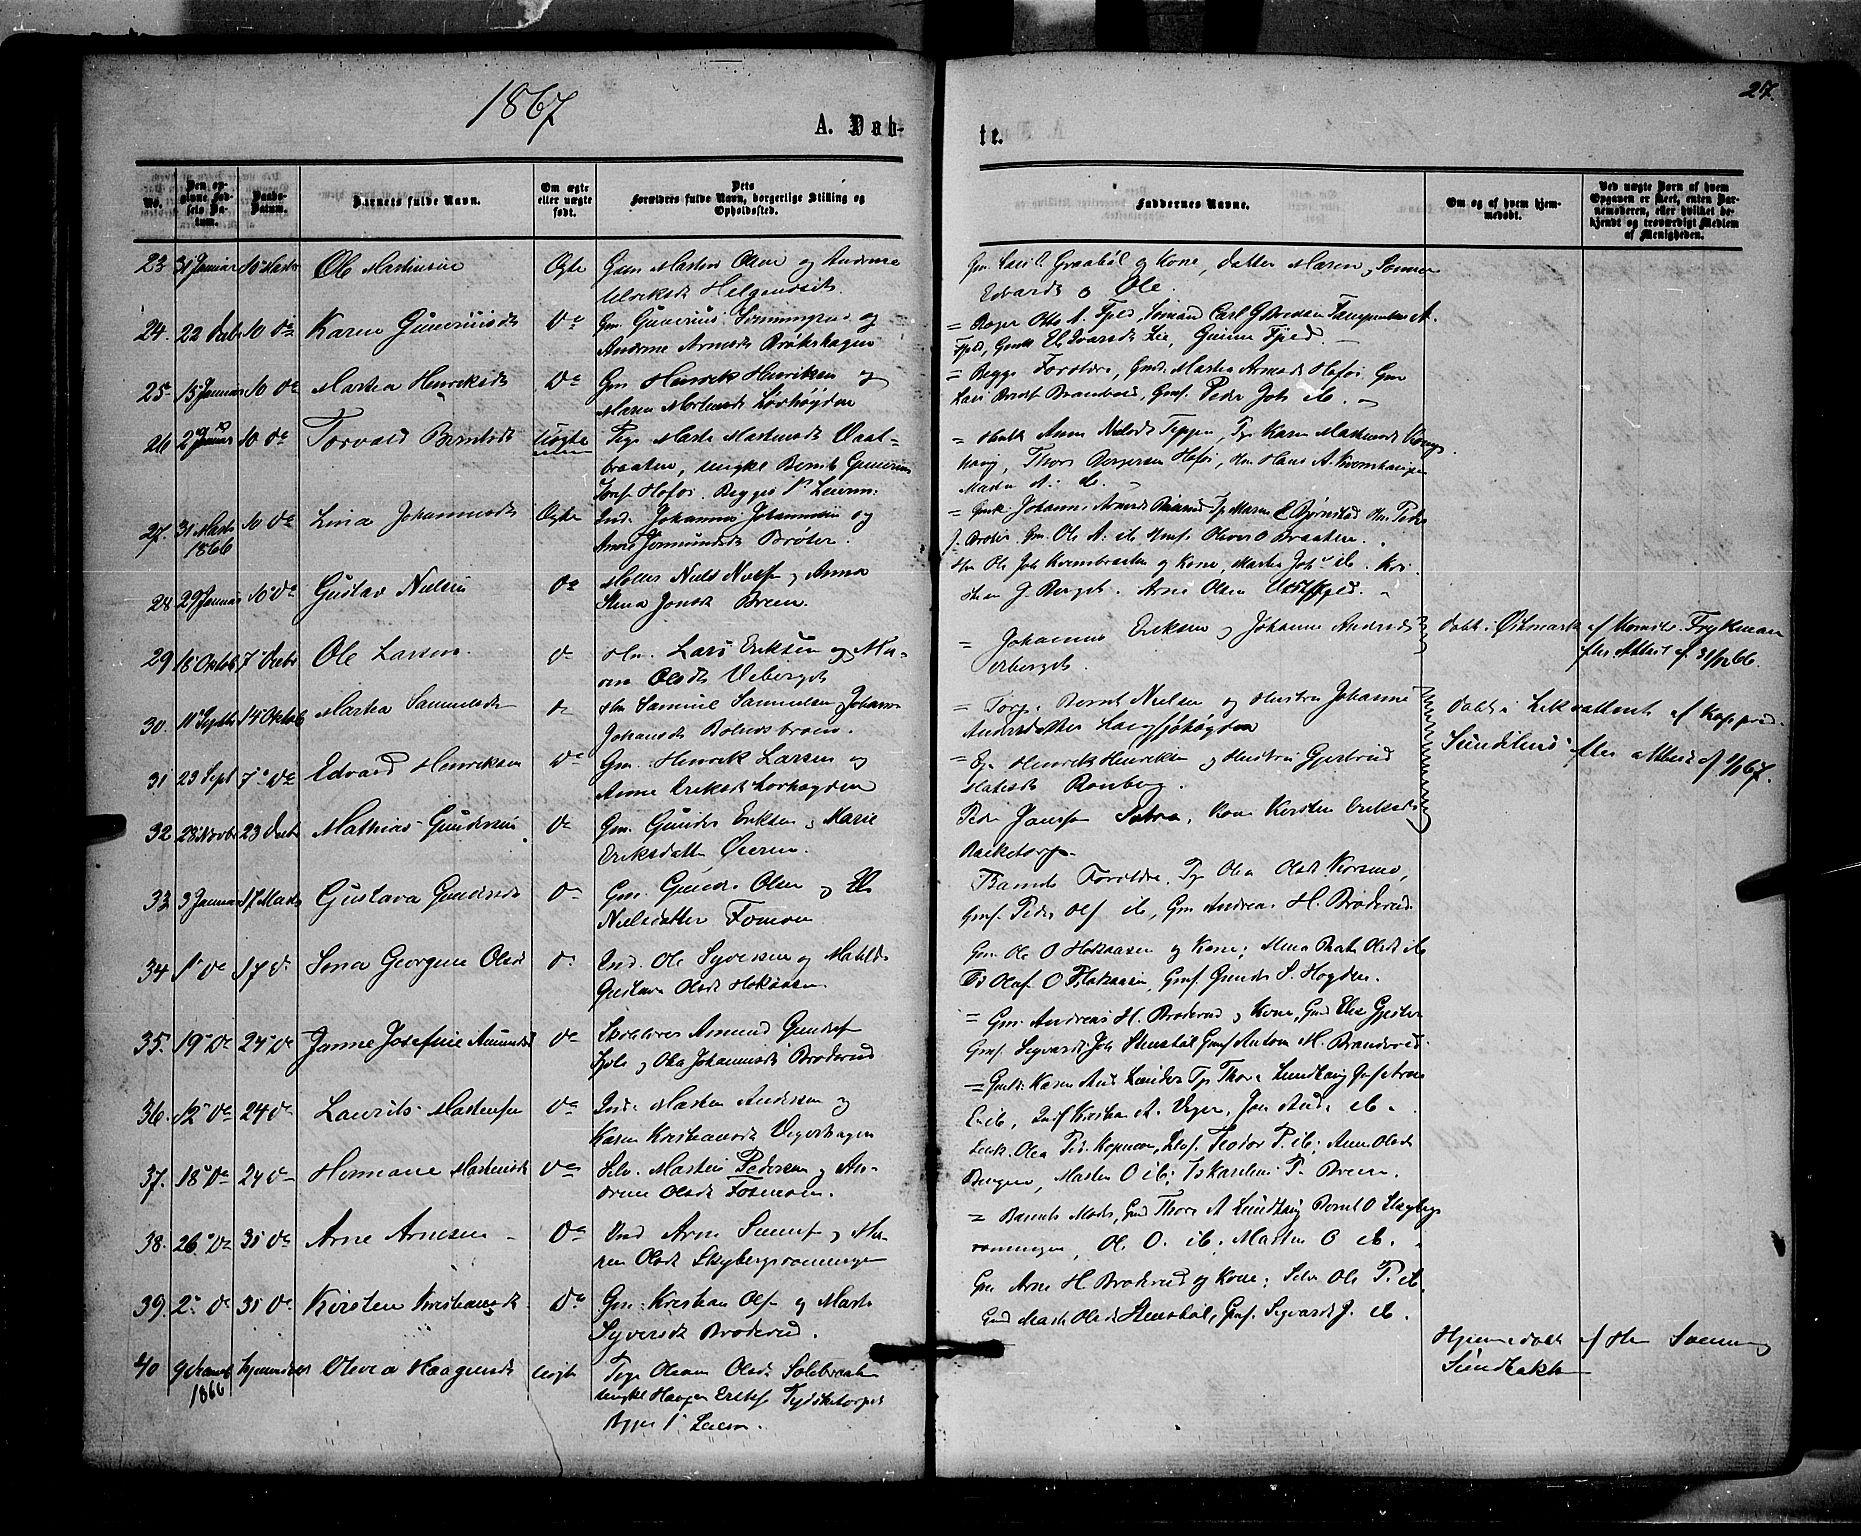 SAH, Brandval prestekontor, H/Ha/Haa/L0001: Ministerialbok nr. 1, 1864-1879, s. 27